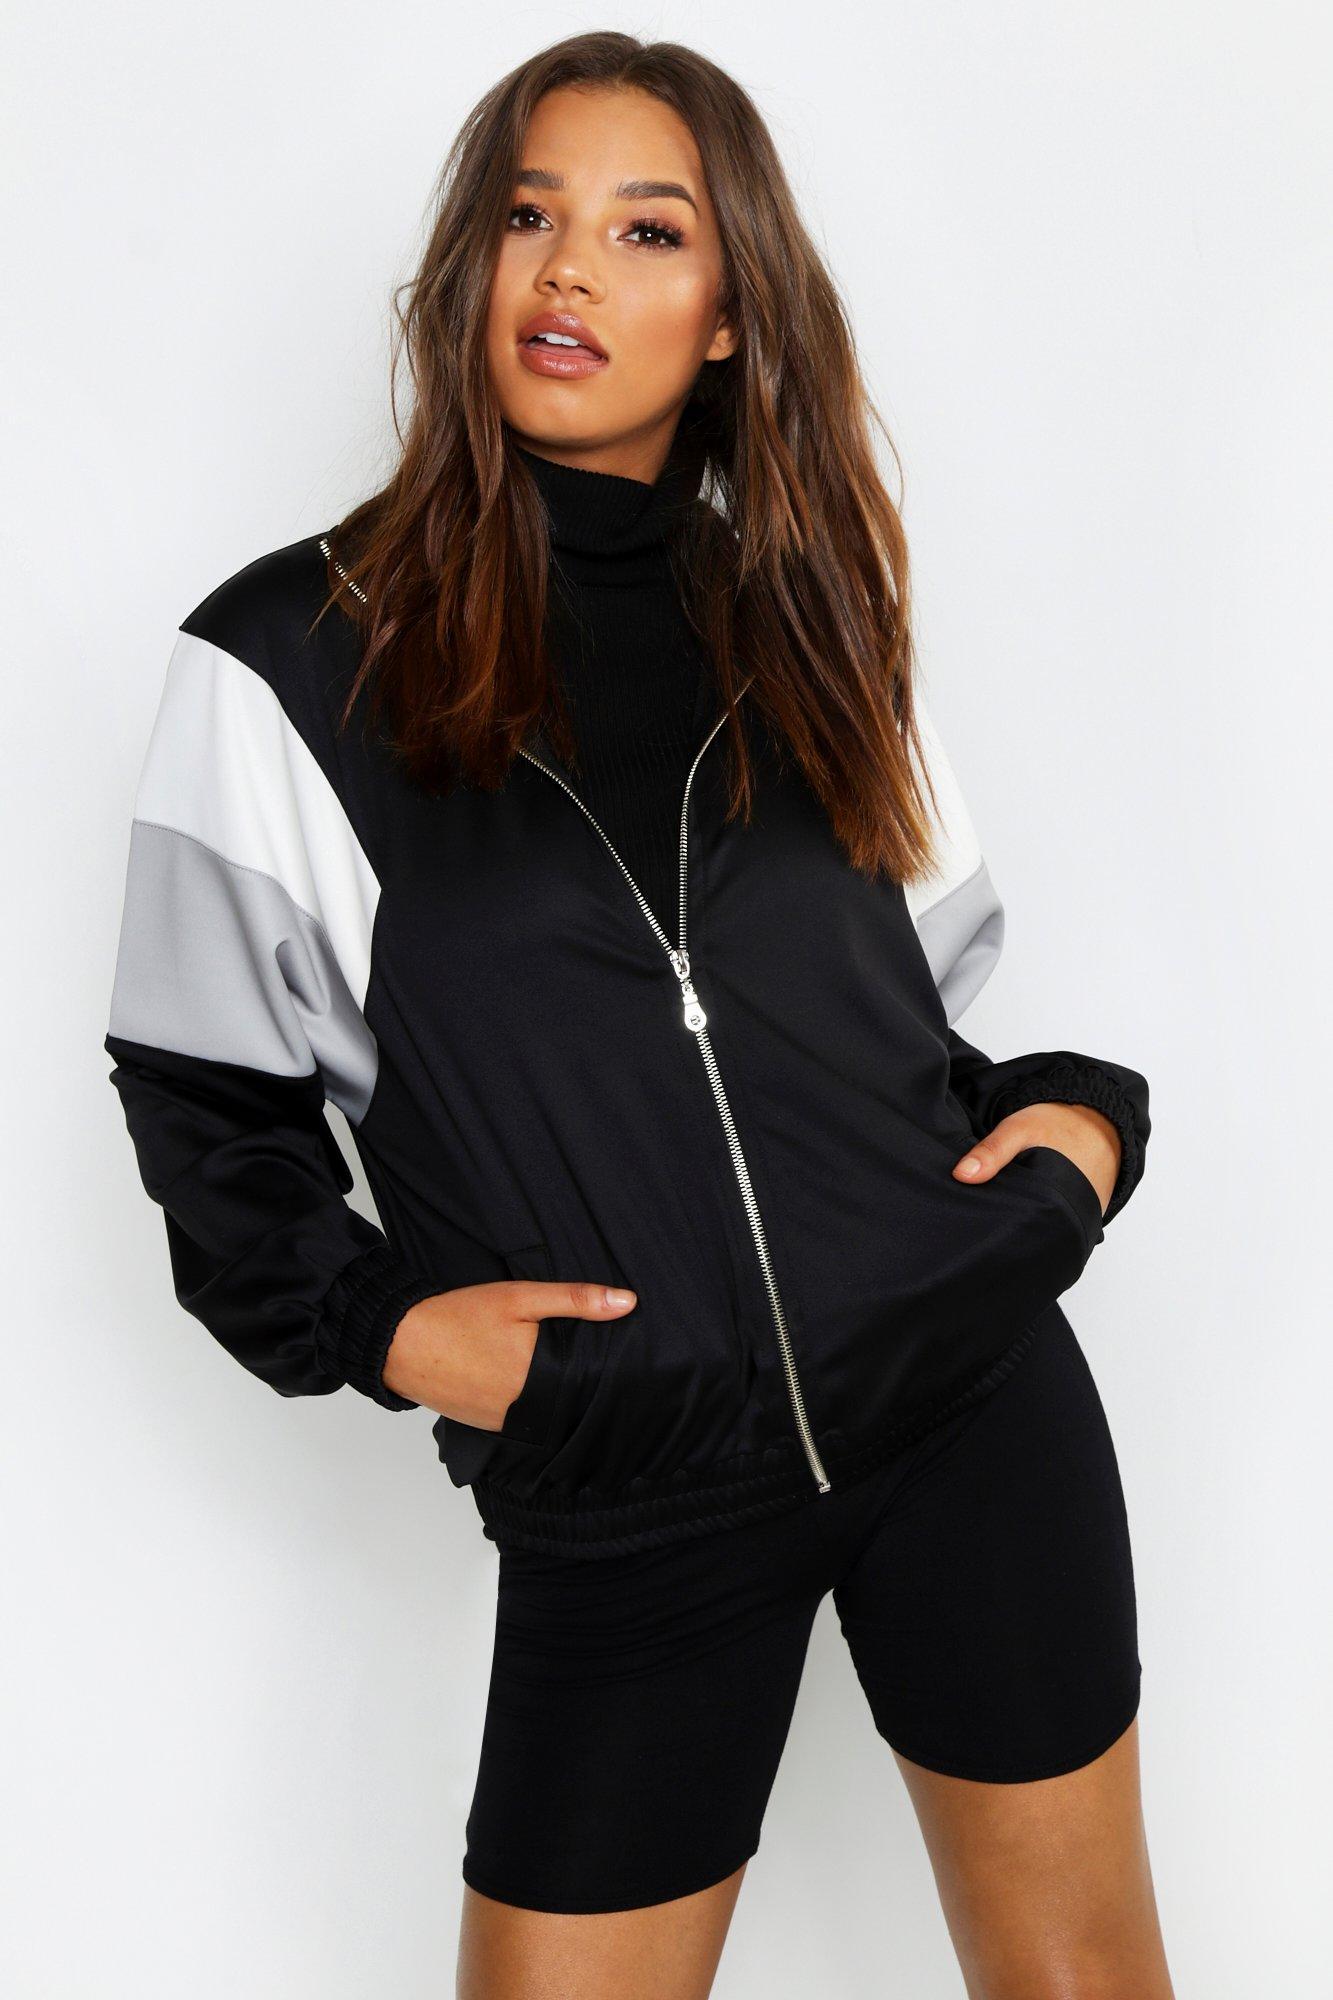 Купить Athleisure, Куртка на молнии с цветными вставками, boohoo